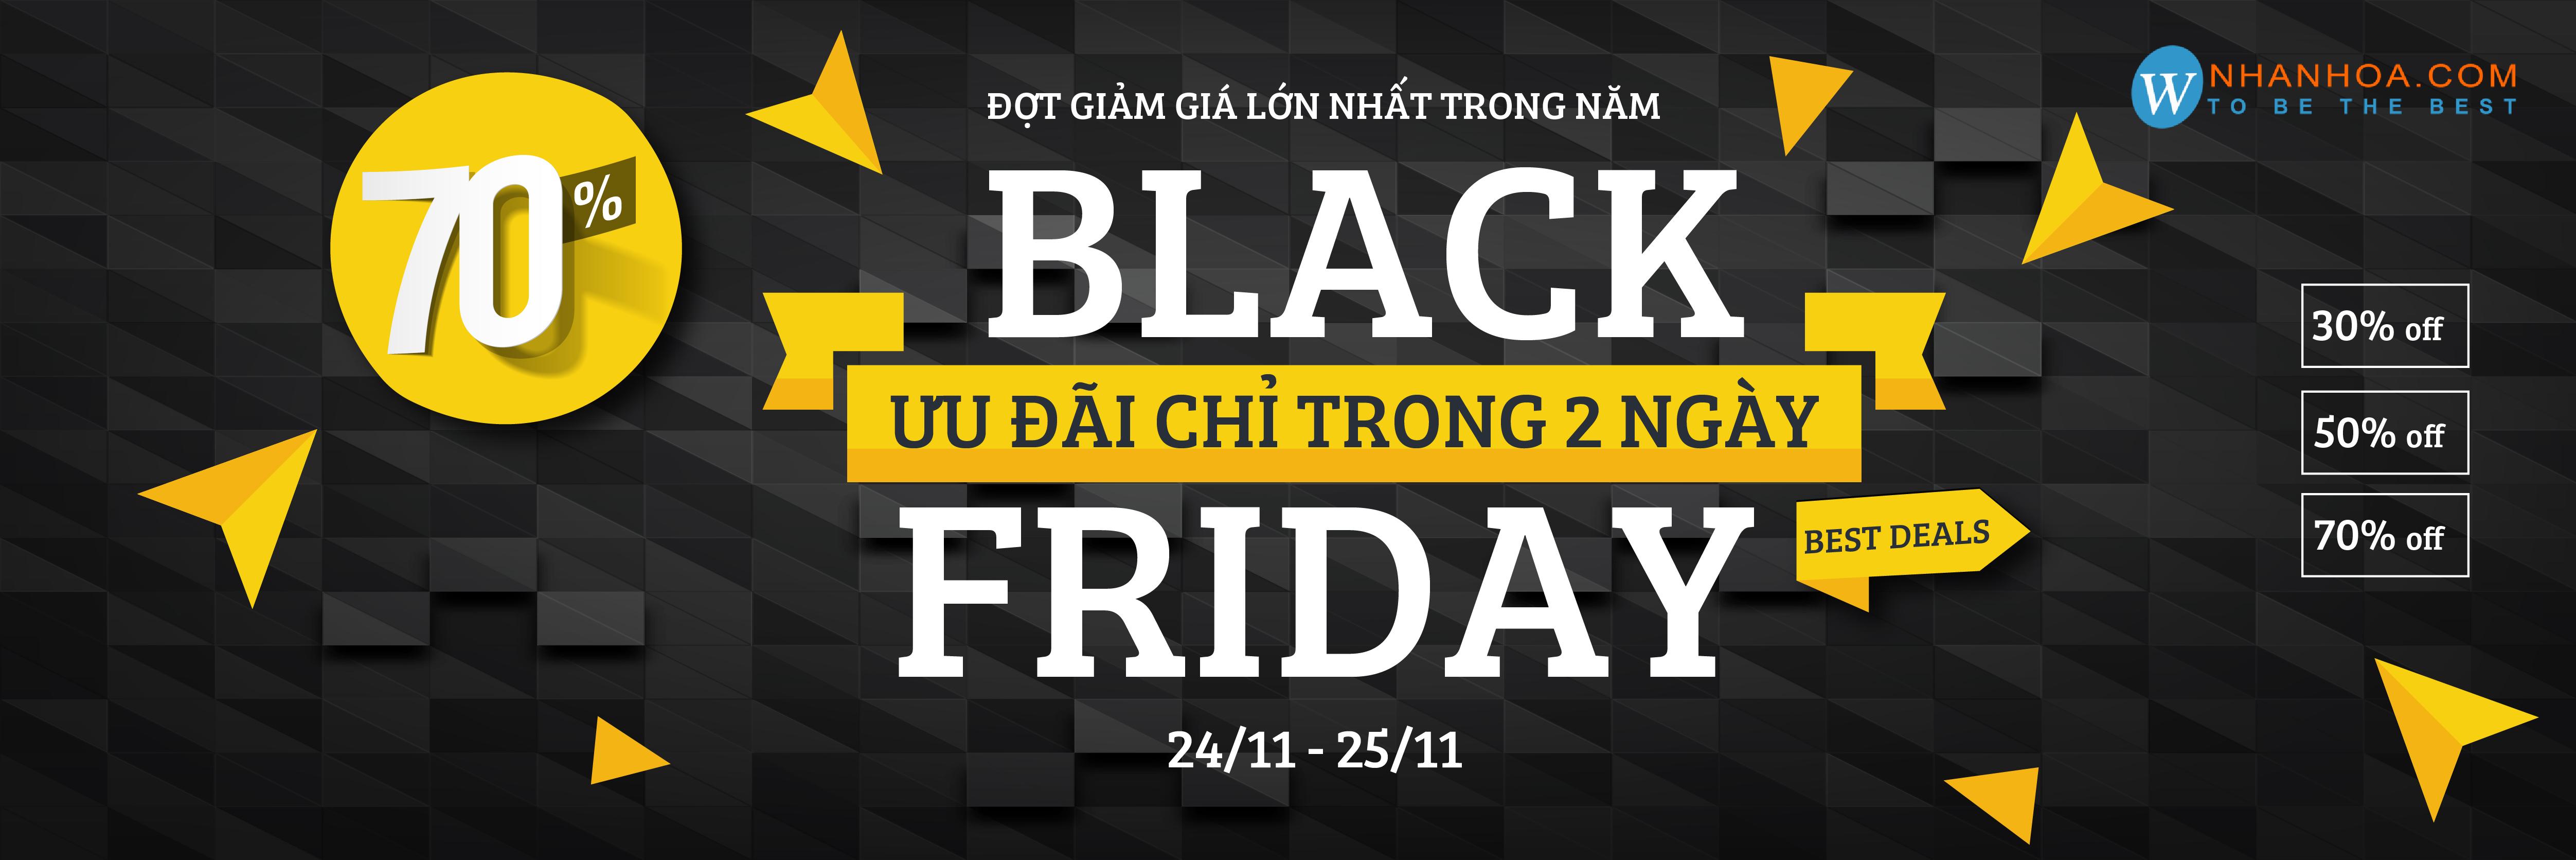 Chương Trình Khuyến Mãi Black Friday